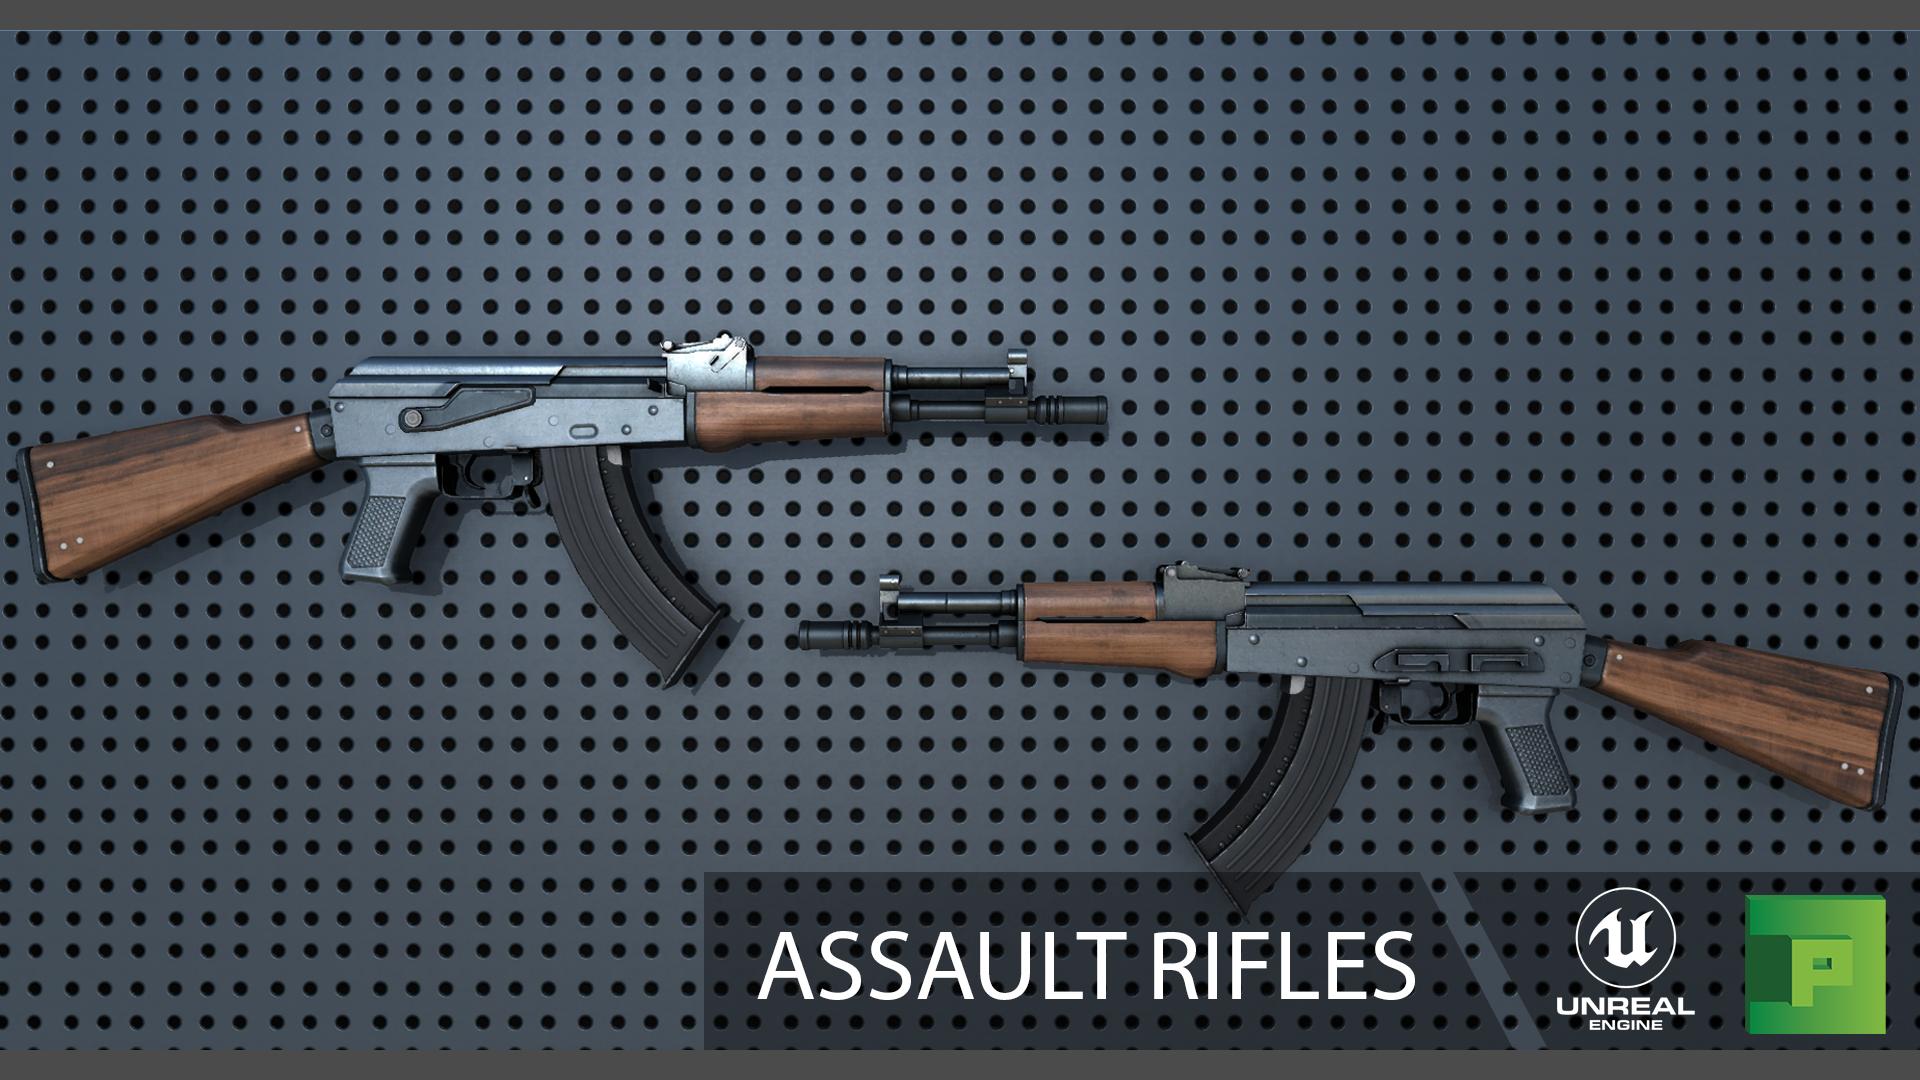 AssaultRifles_New_03